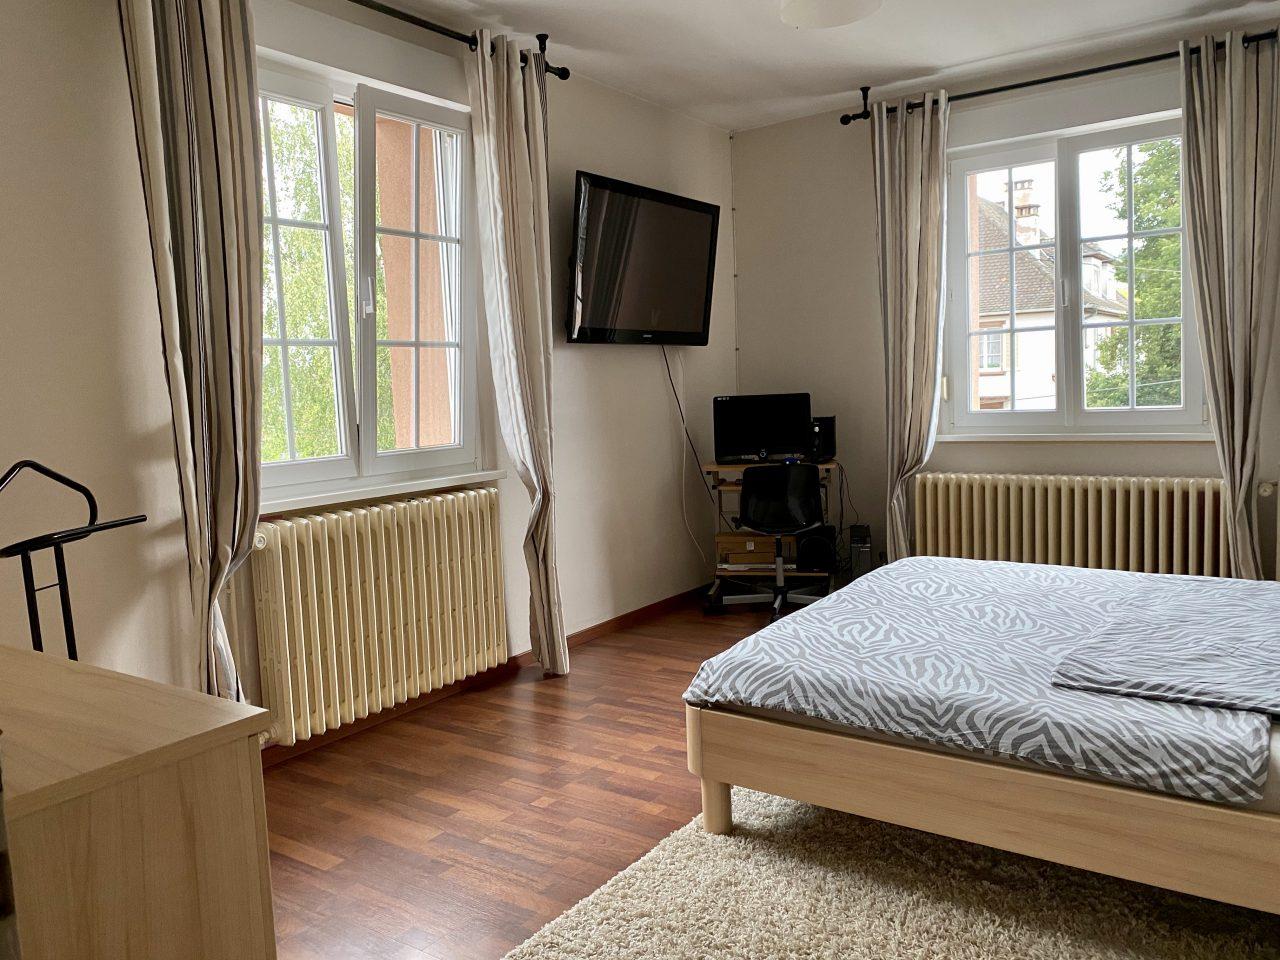 Reichshoffen, très belle maison 7 pièces sur 6,41 ares. Vidéos disponibles